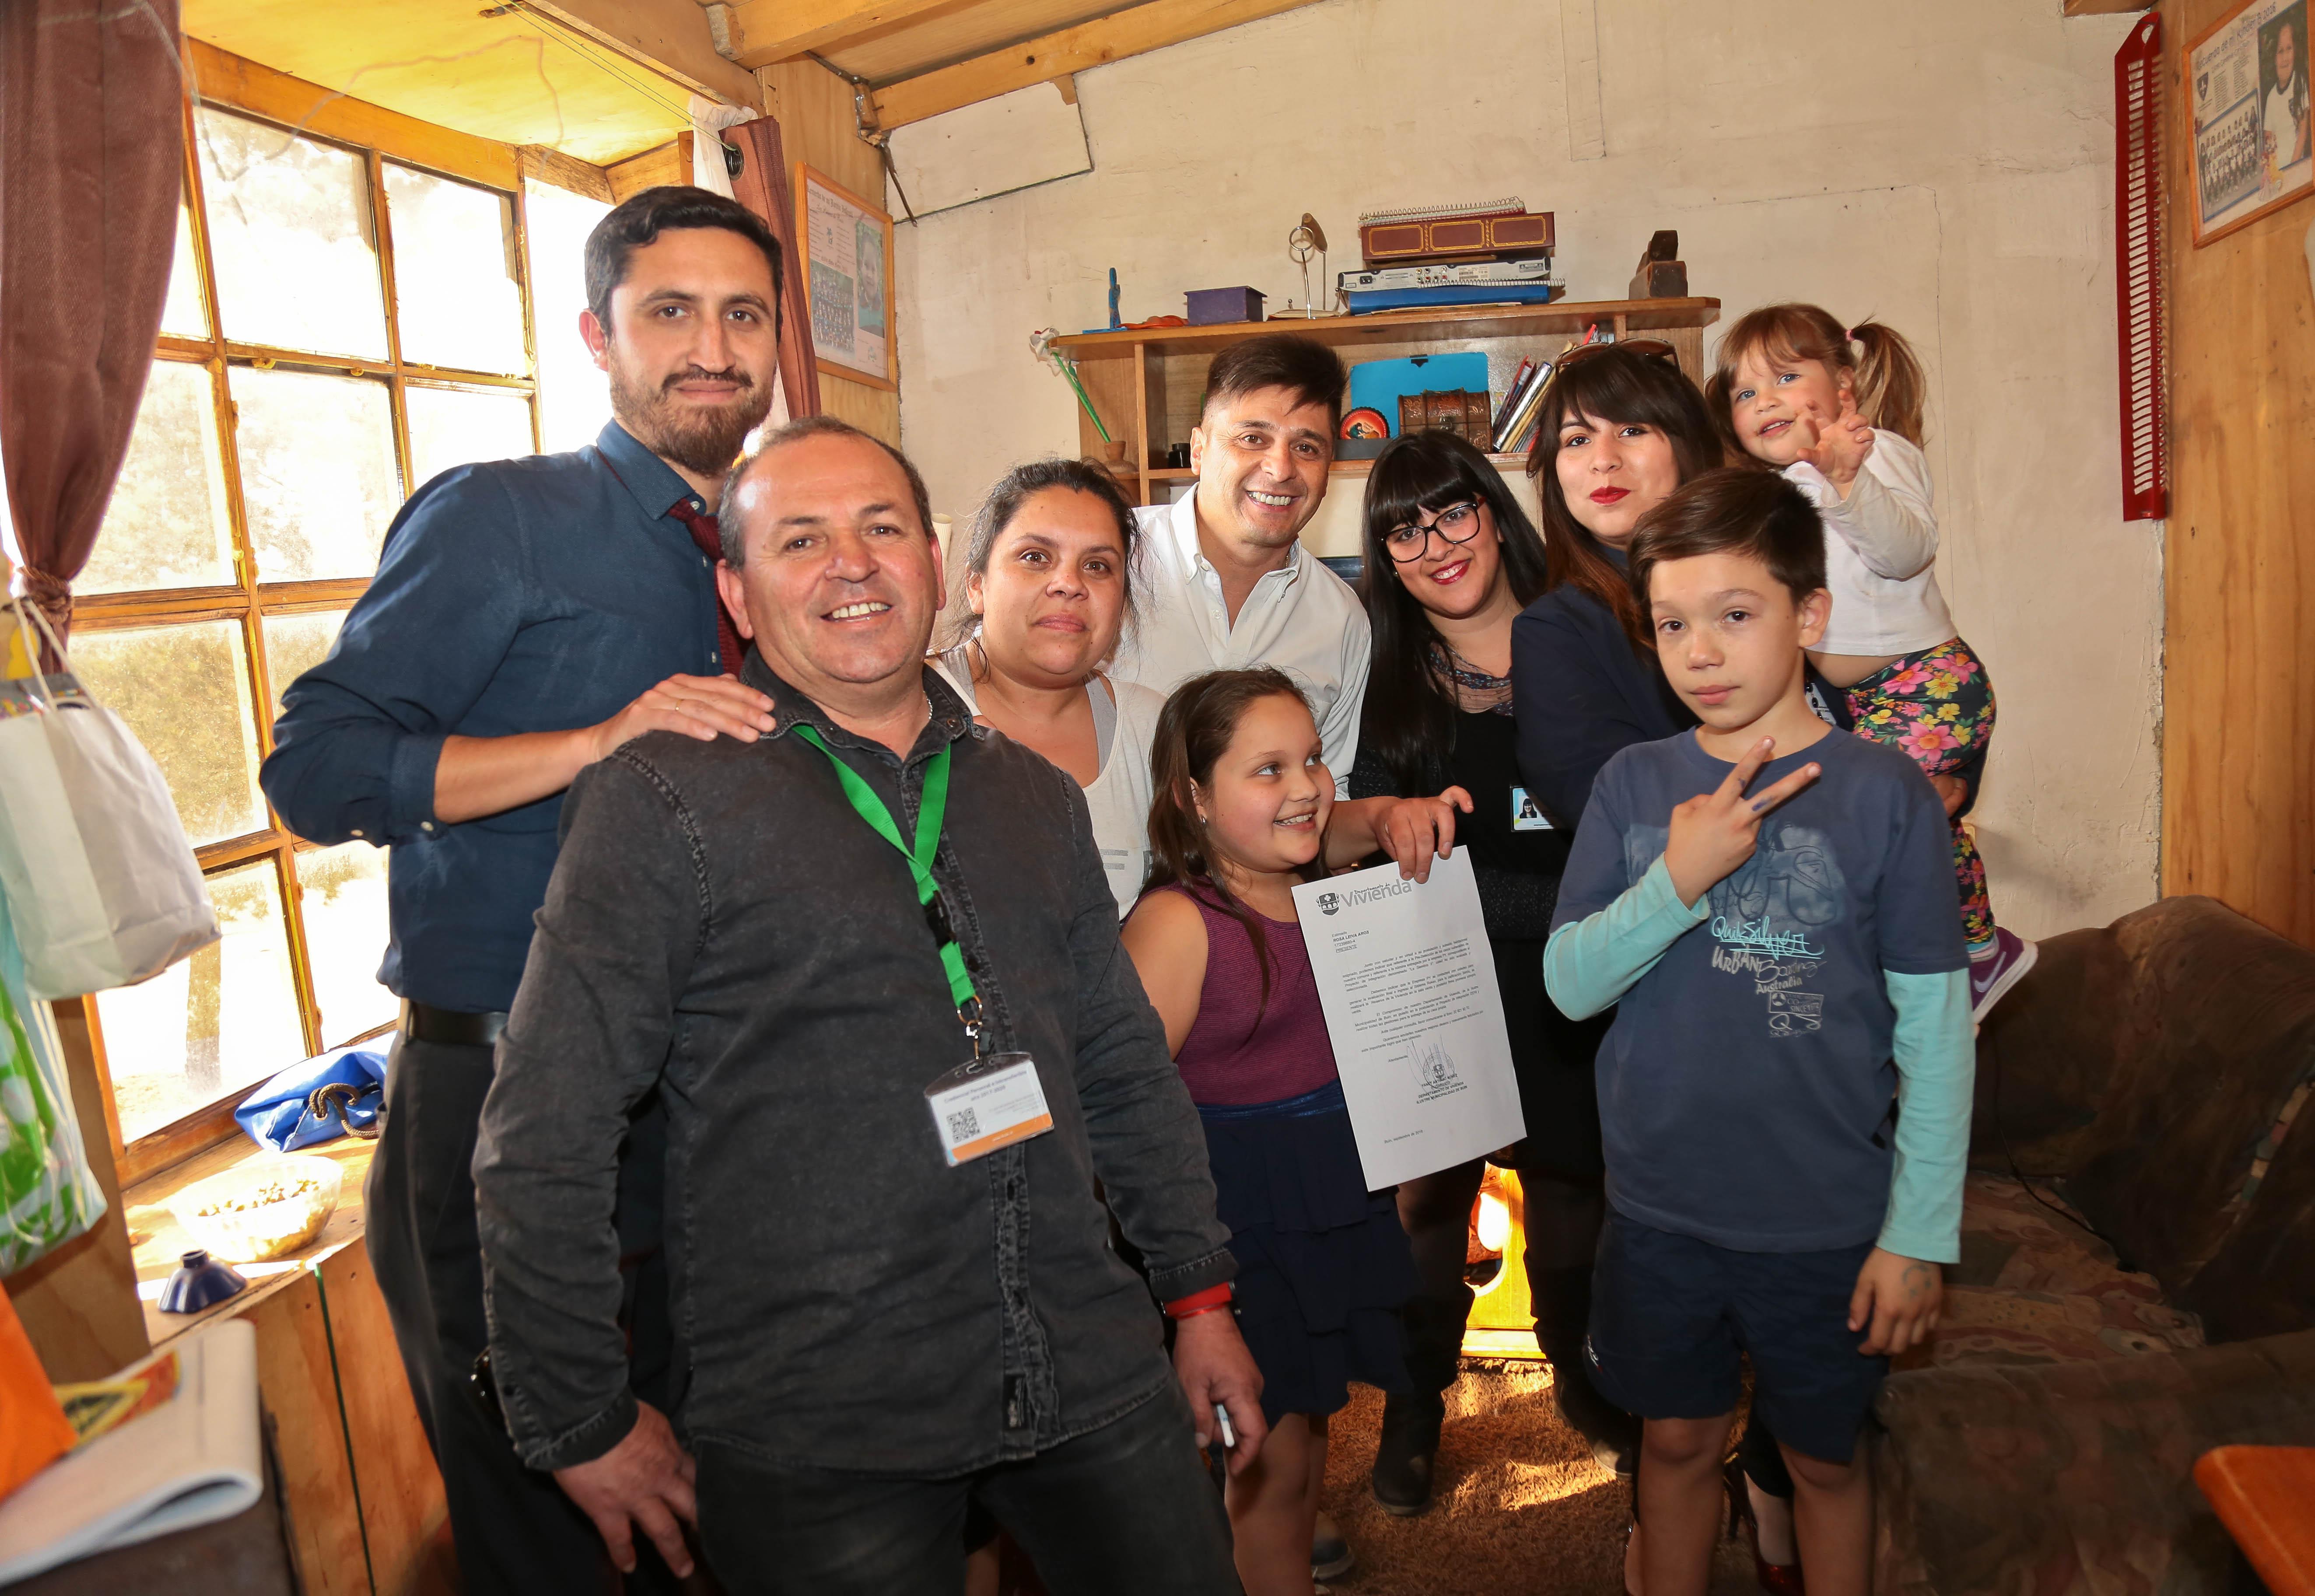 PROYECTO DE INTEGRACIÓN: 48 FAMILIAS BUINENSES ESTÁN A UN PASO DE OBTENER LA CASA PROPIA